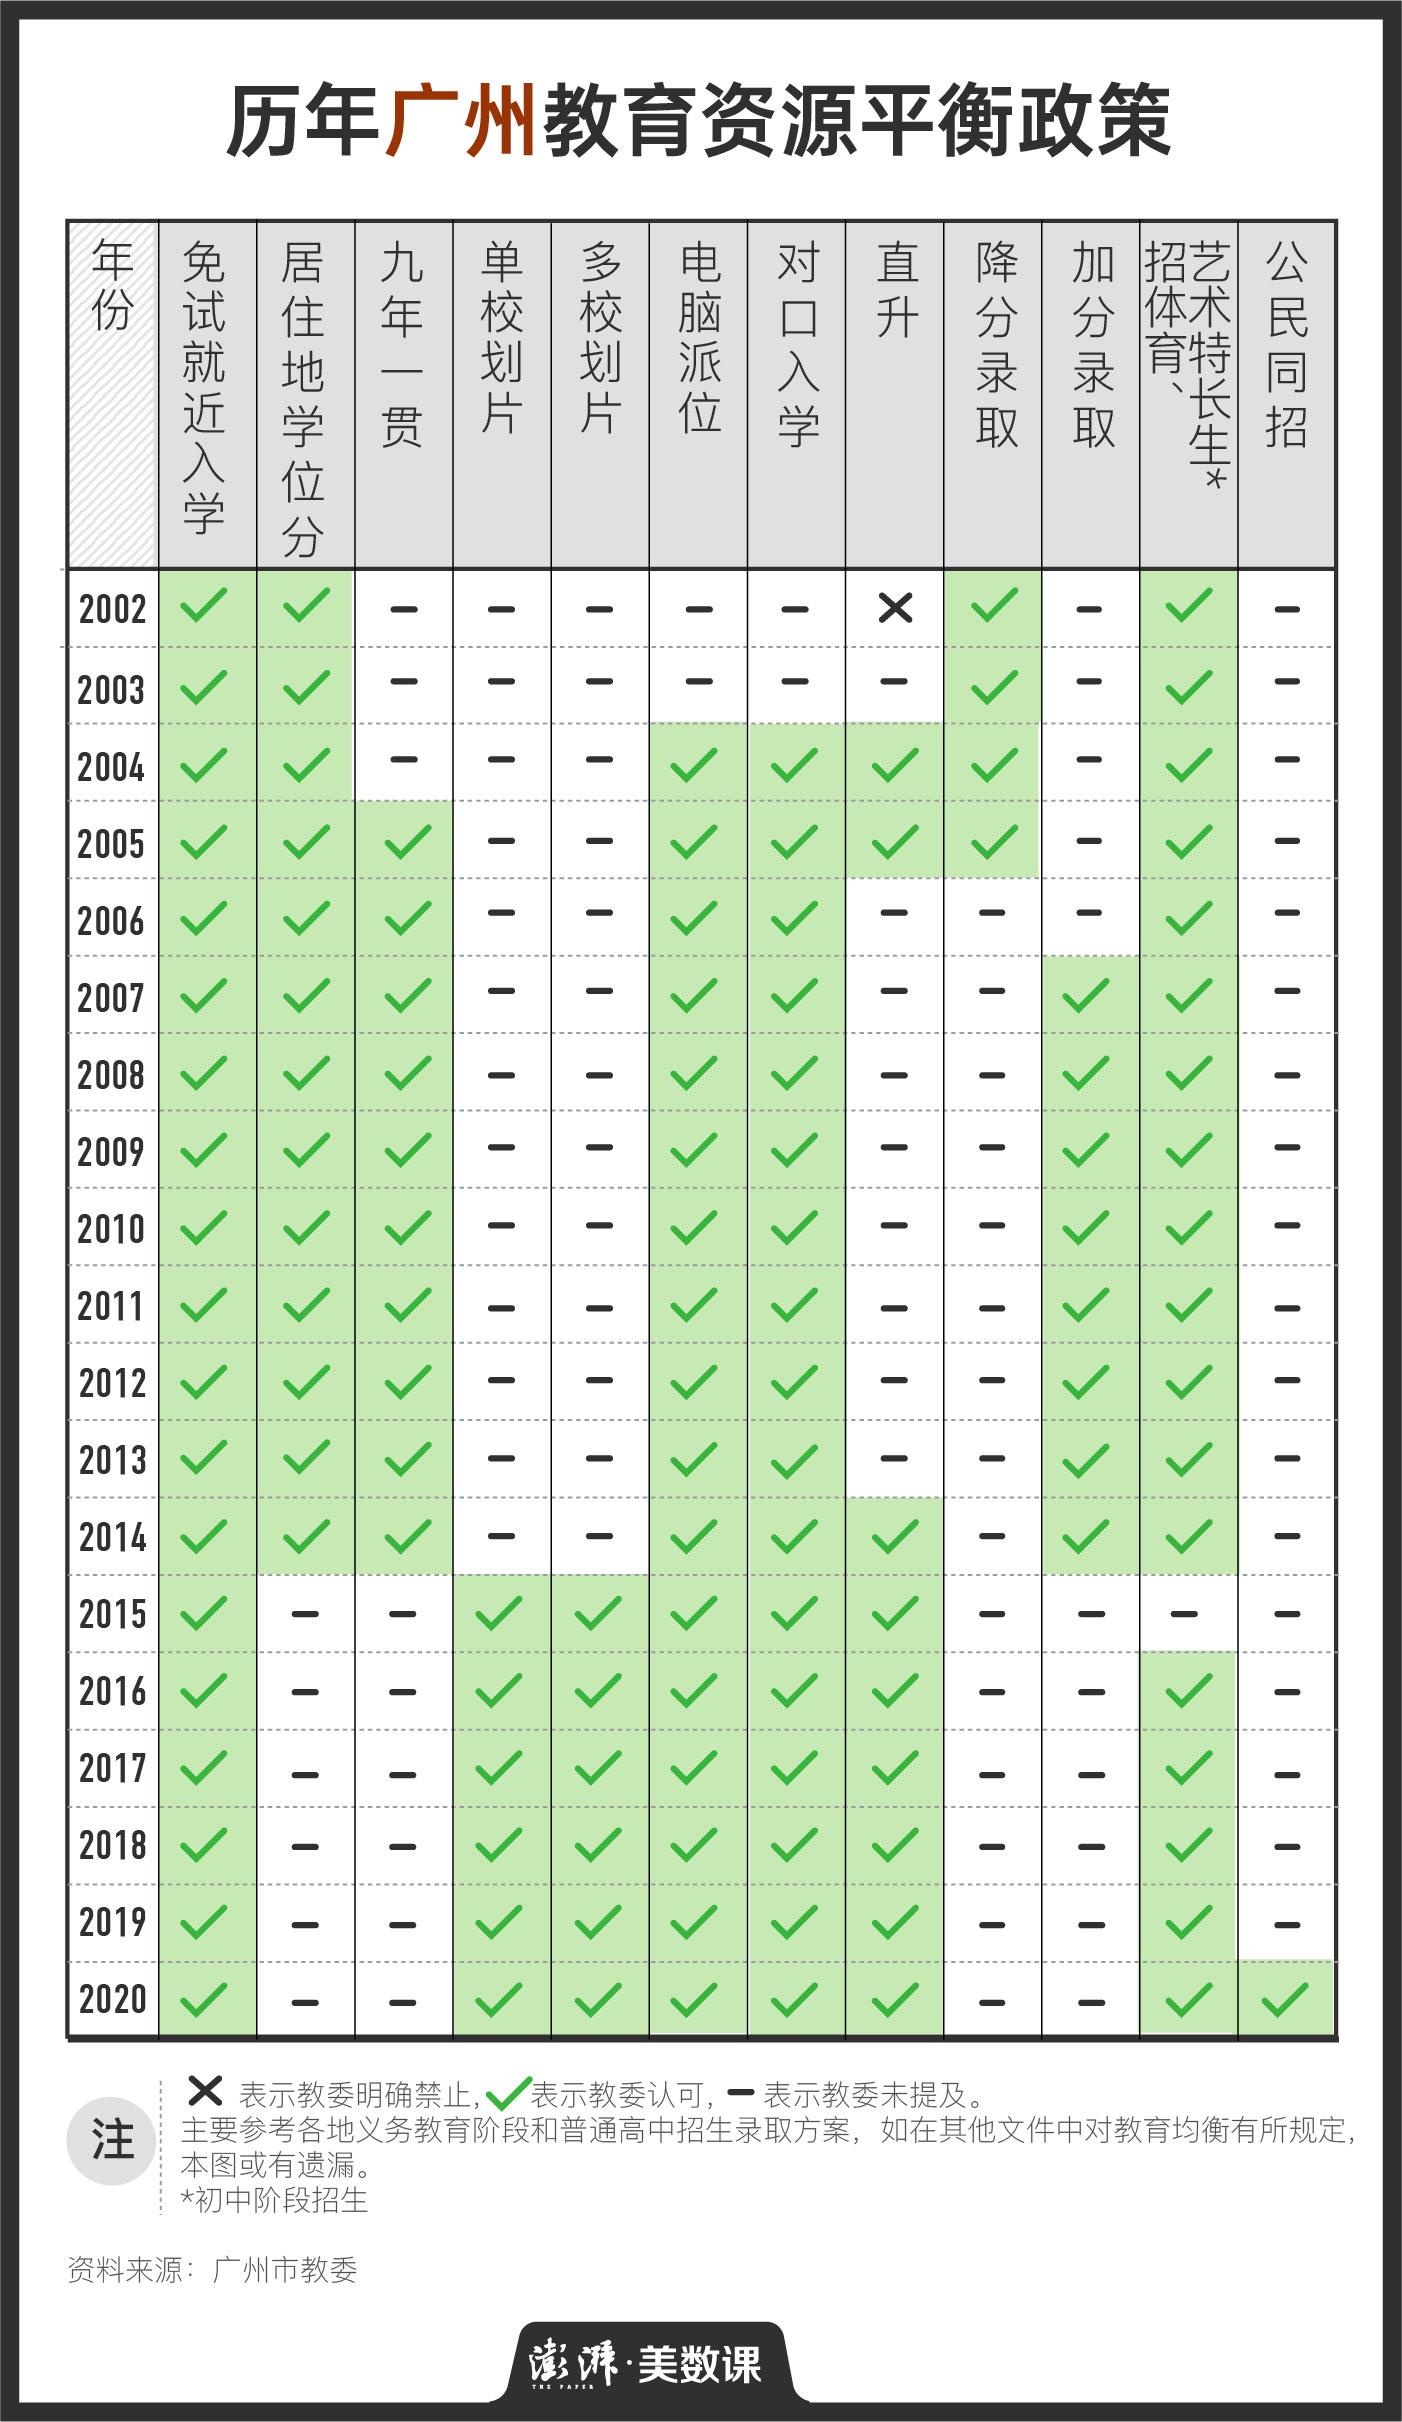 赢咖3平台:回看近20年教育均衡化政策,除了多校划片,还能怎么做?